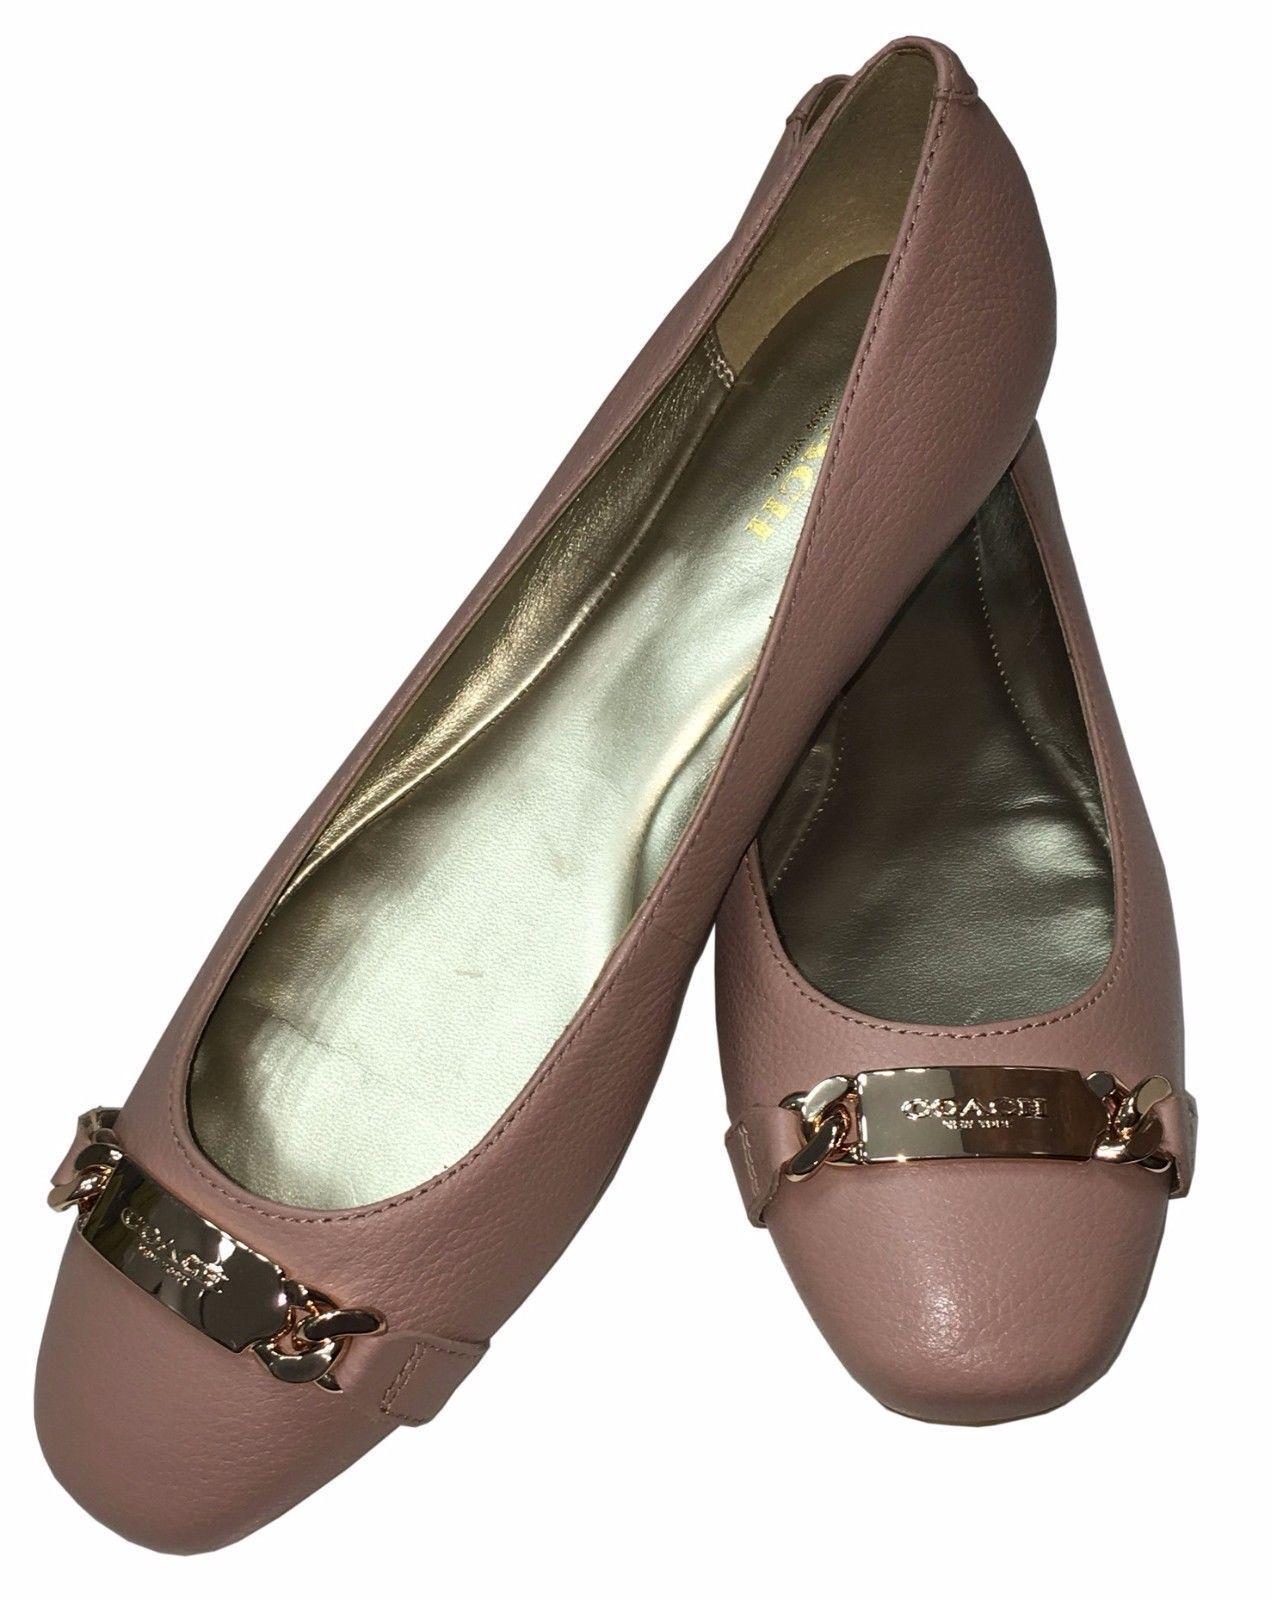 Neu Trainer Weiß Leder Ballett Ballerinas Schuhe Hautfarben Beige Warme